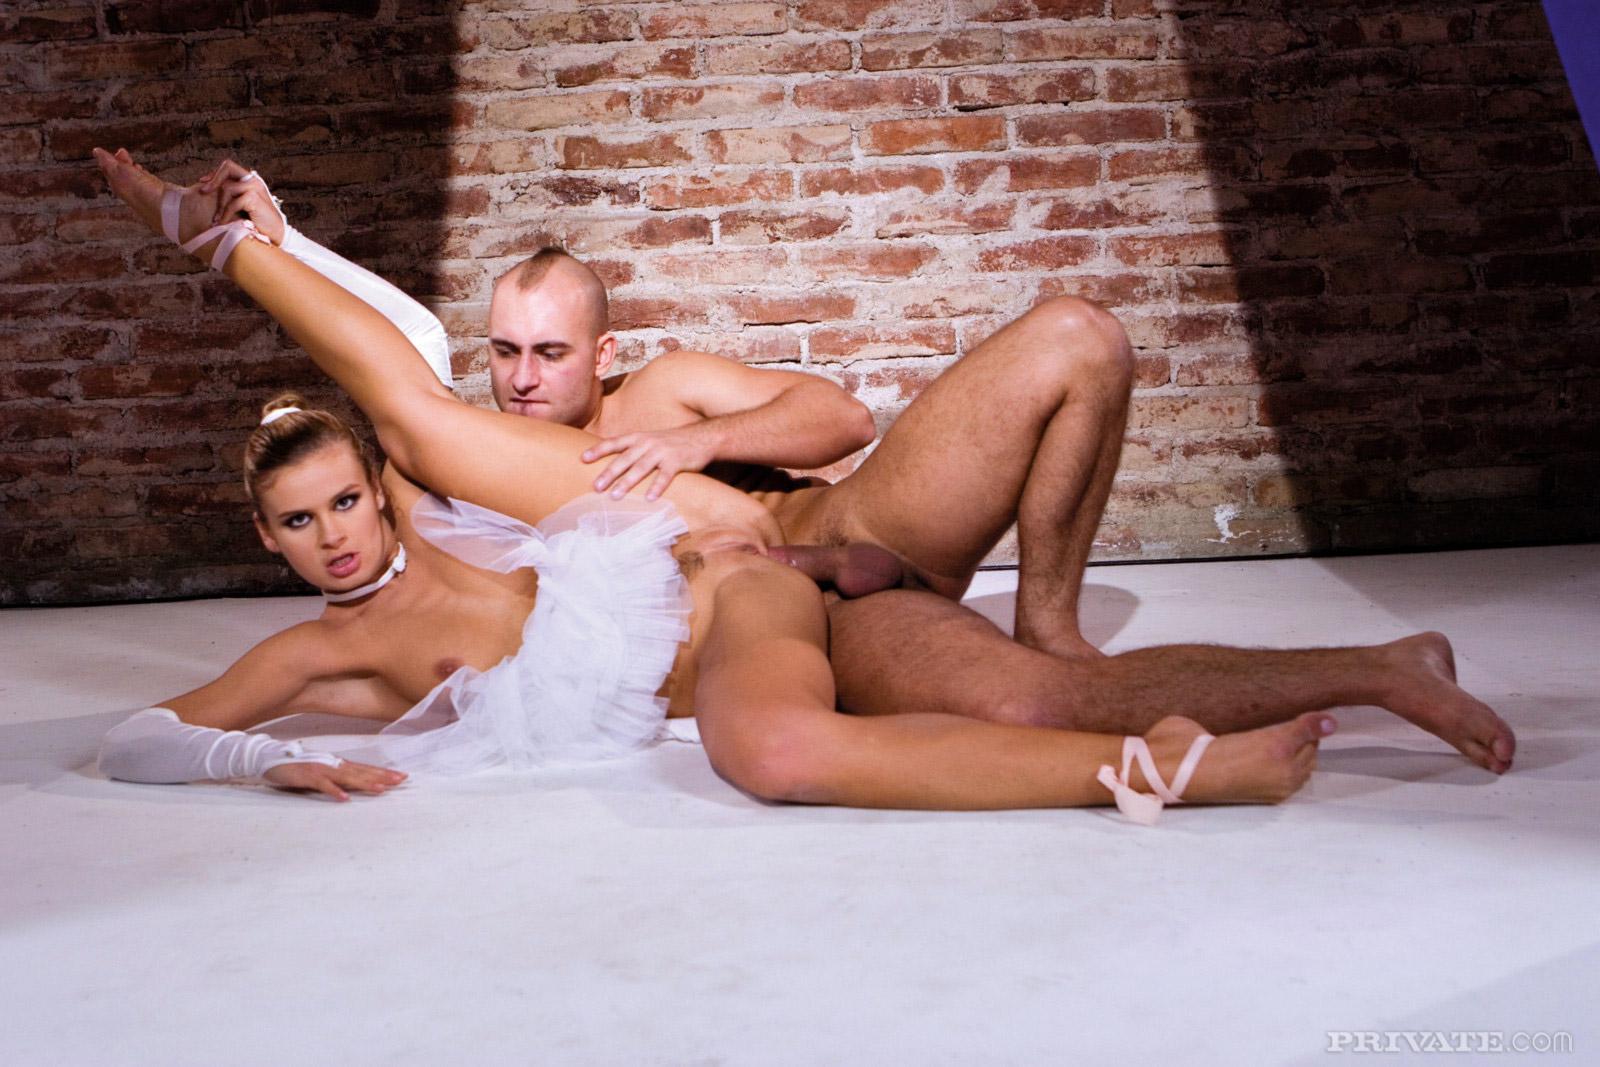 Фото балерину в жопу, Сборка откровенных снимков красивых балерин - секс 3 фотография